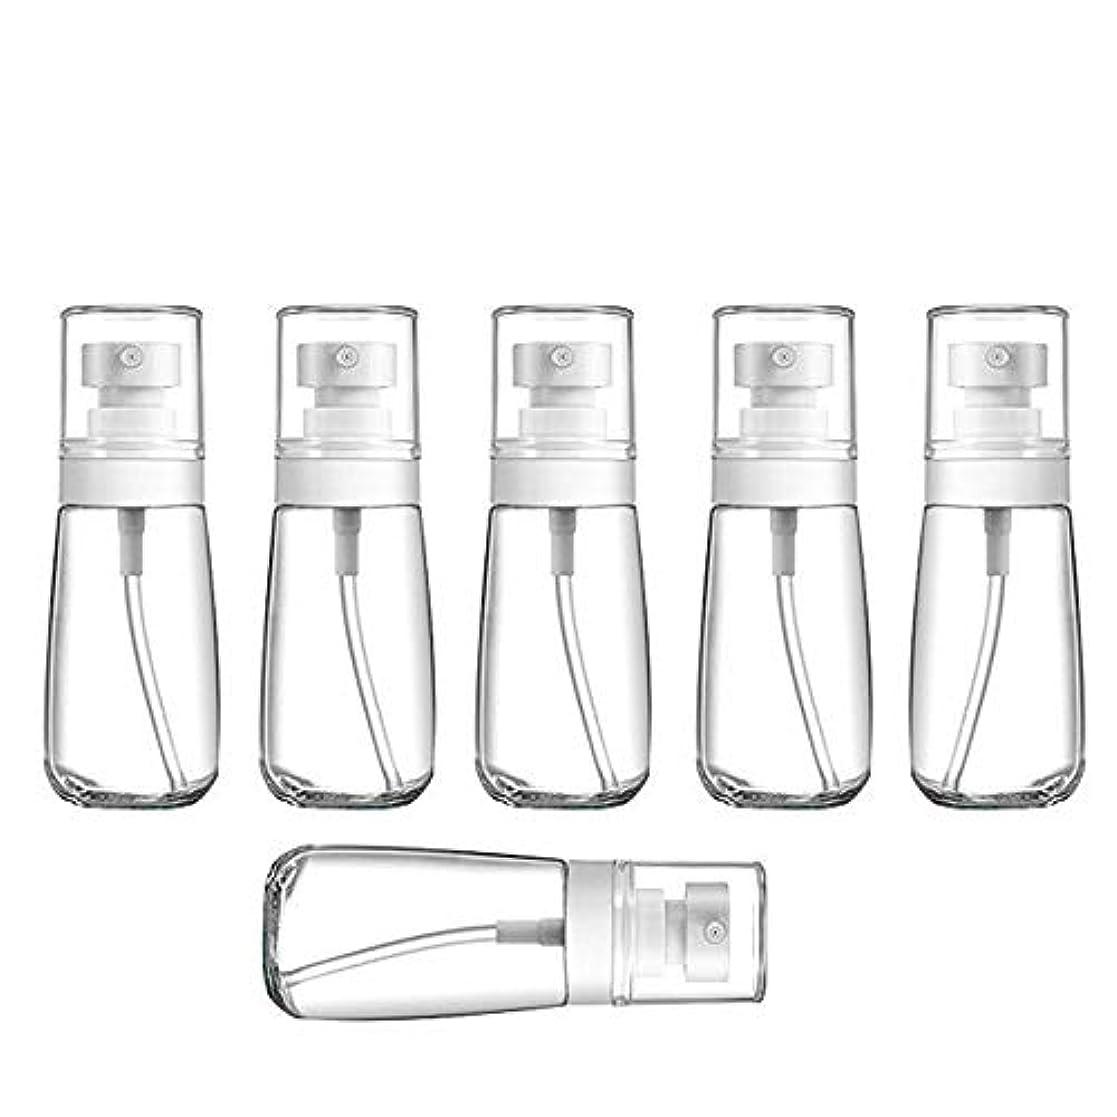 溶接接触入手しますYXC 良質の PETG小分けボトル トラベルボトル スプレーボトル 家に清潔消毒 緑の植物に水遣る 6本セット 日本小スプレーボトル 化粧水 詰替用ボトル 旅行用品 (60ML6本)